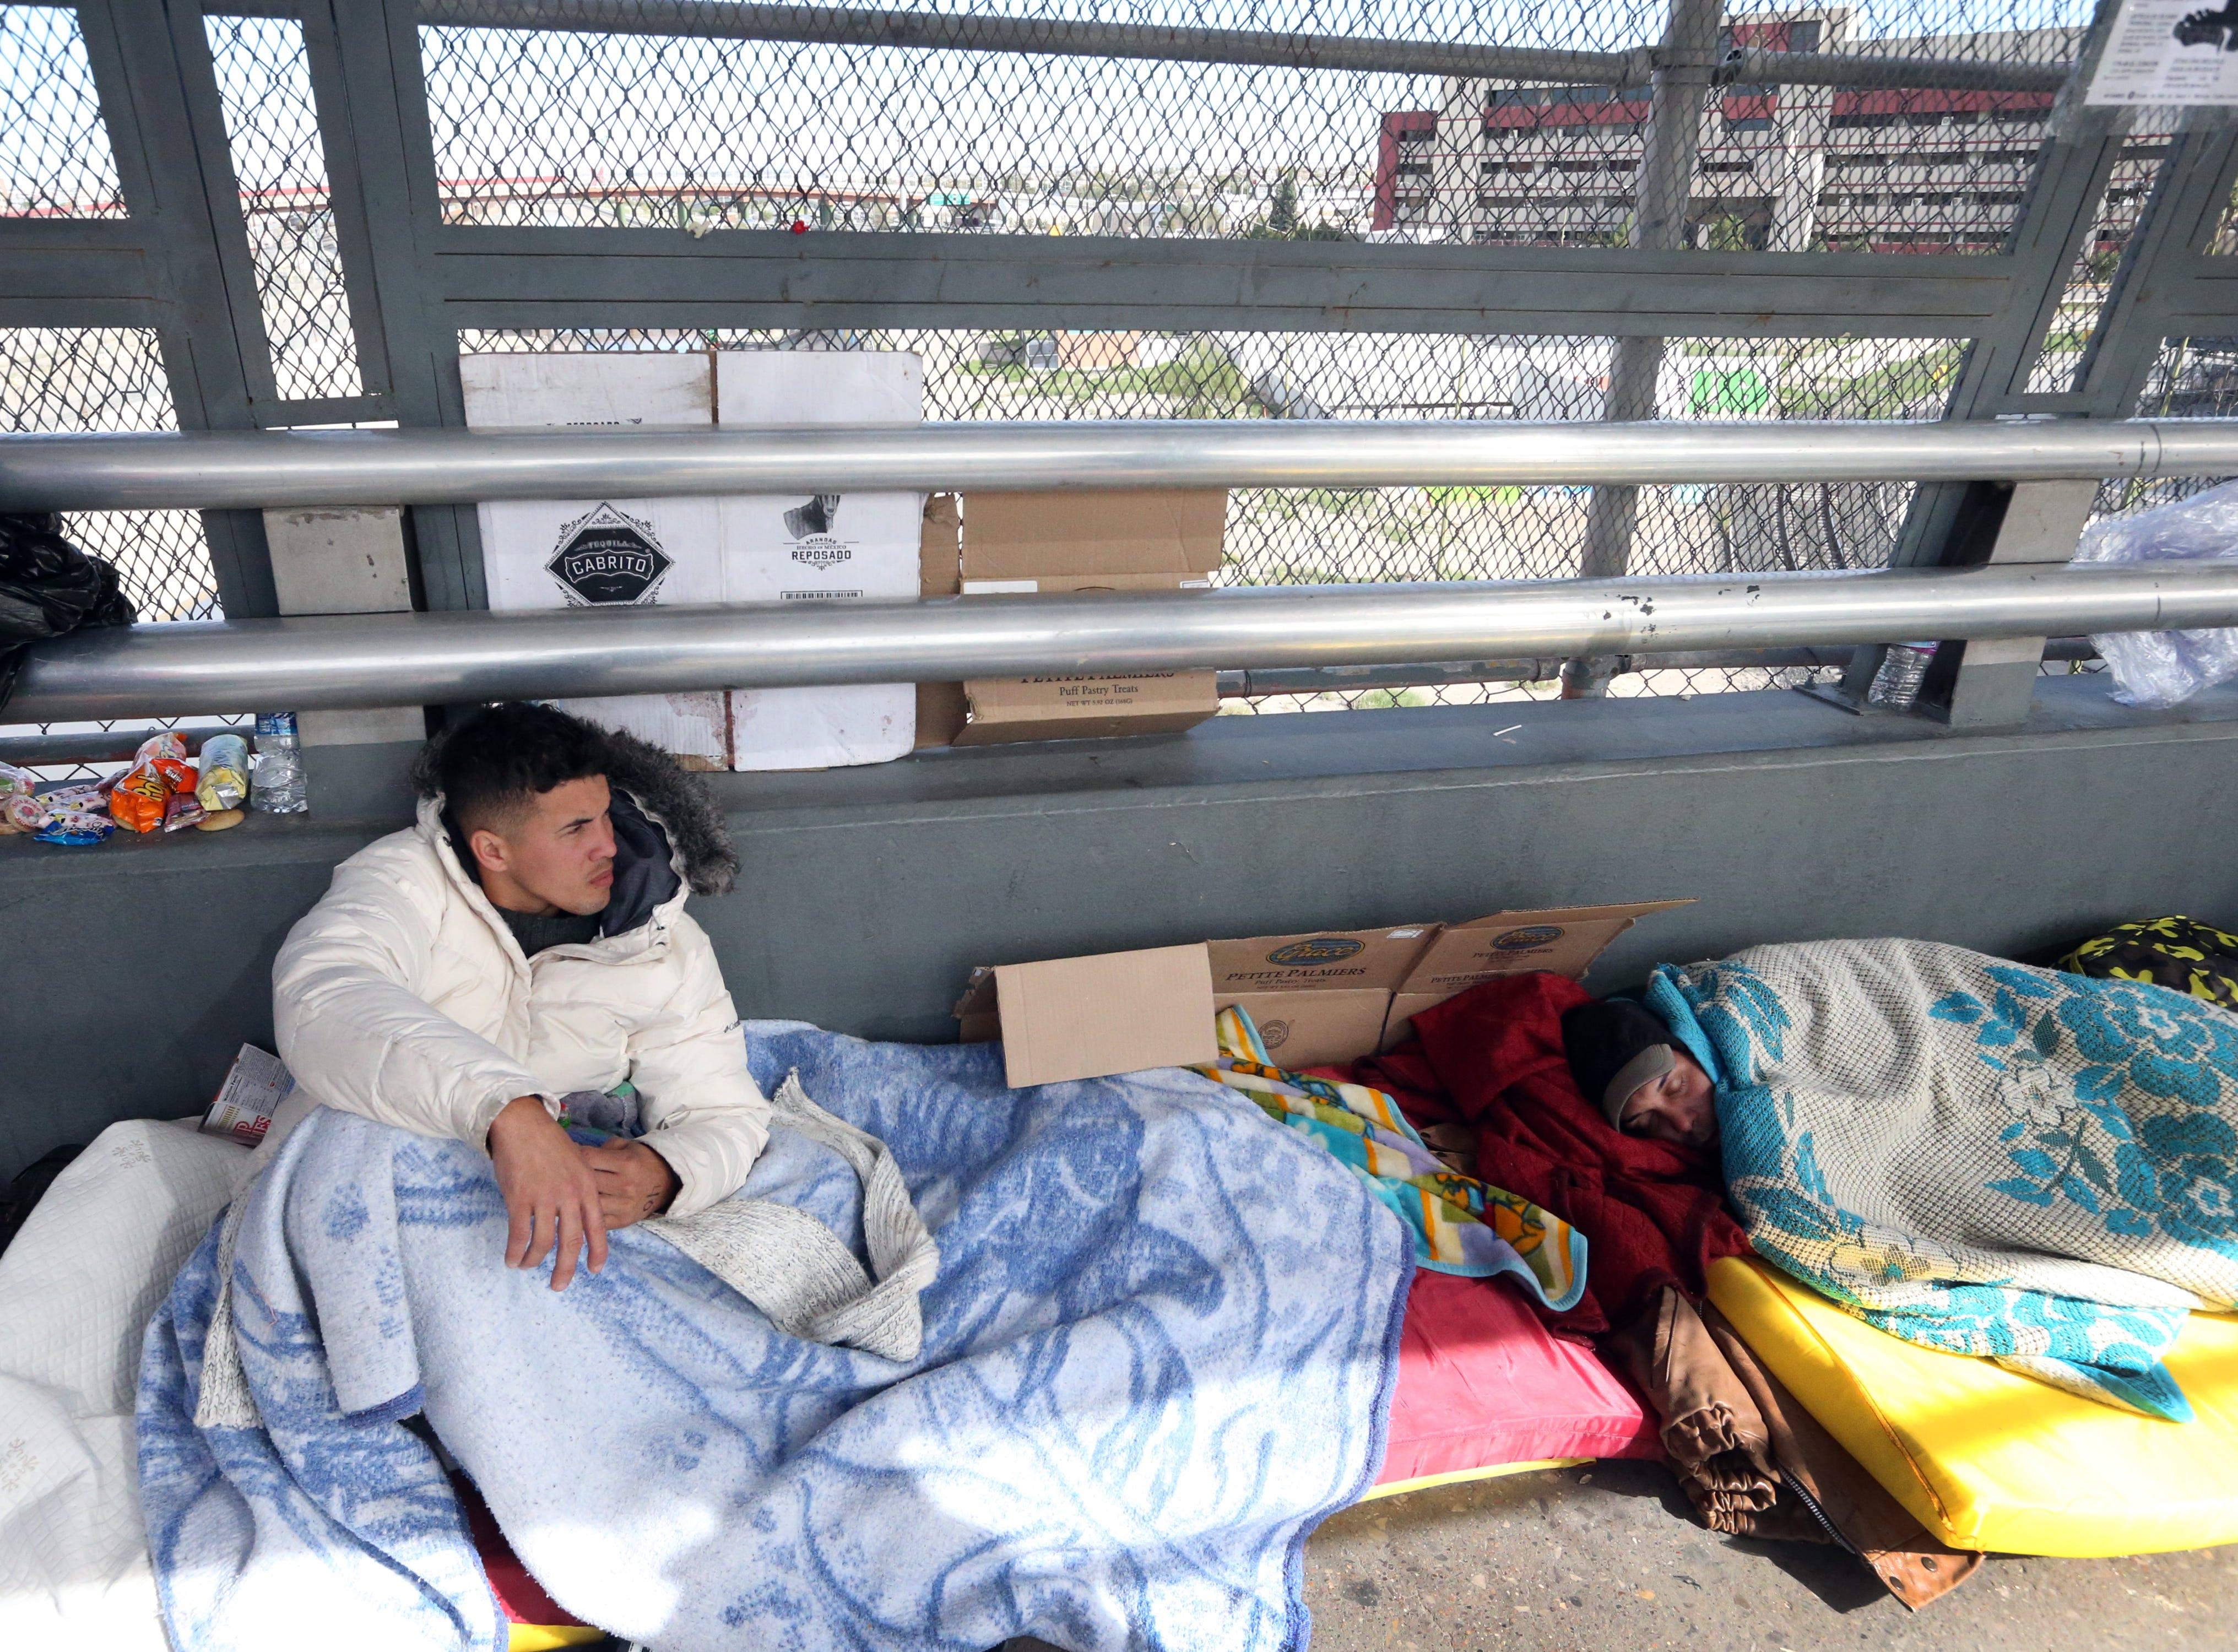 Migrants sleeping on Paso Del Norte Bridge at El Paso border moved to Juárez shelter